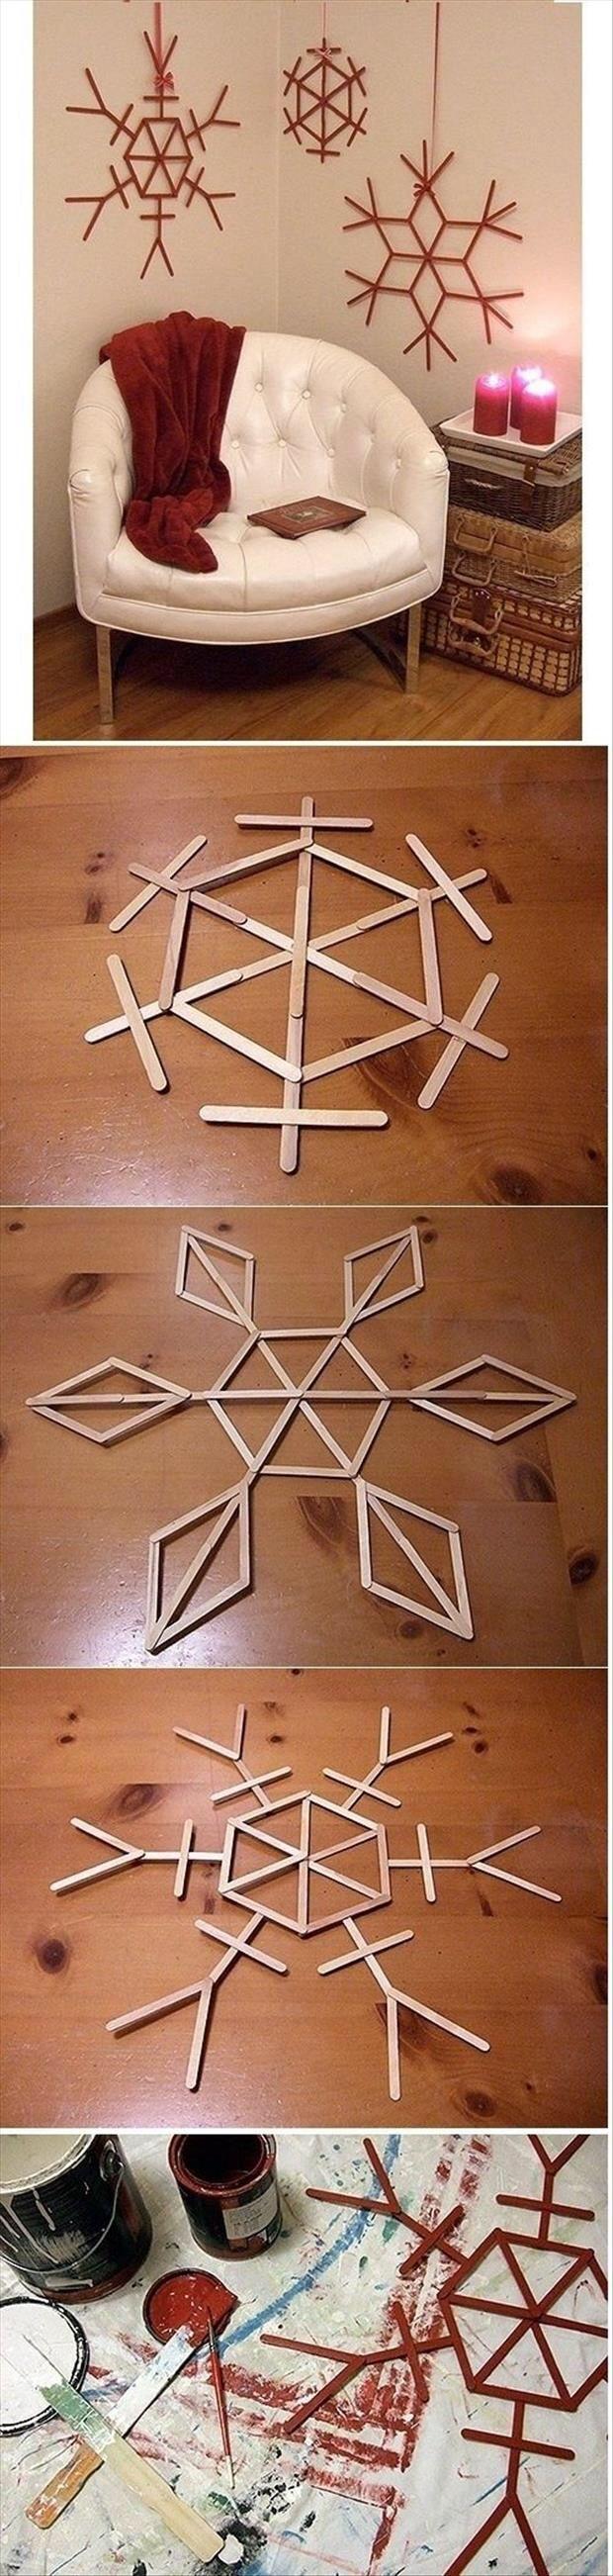 Snowflakes I really like this idea!